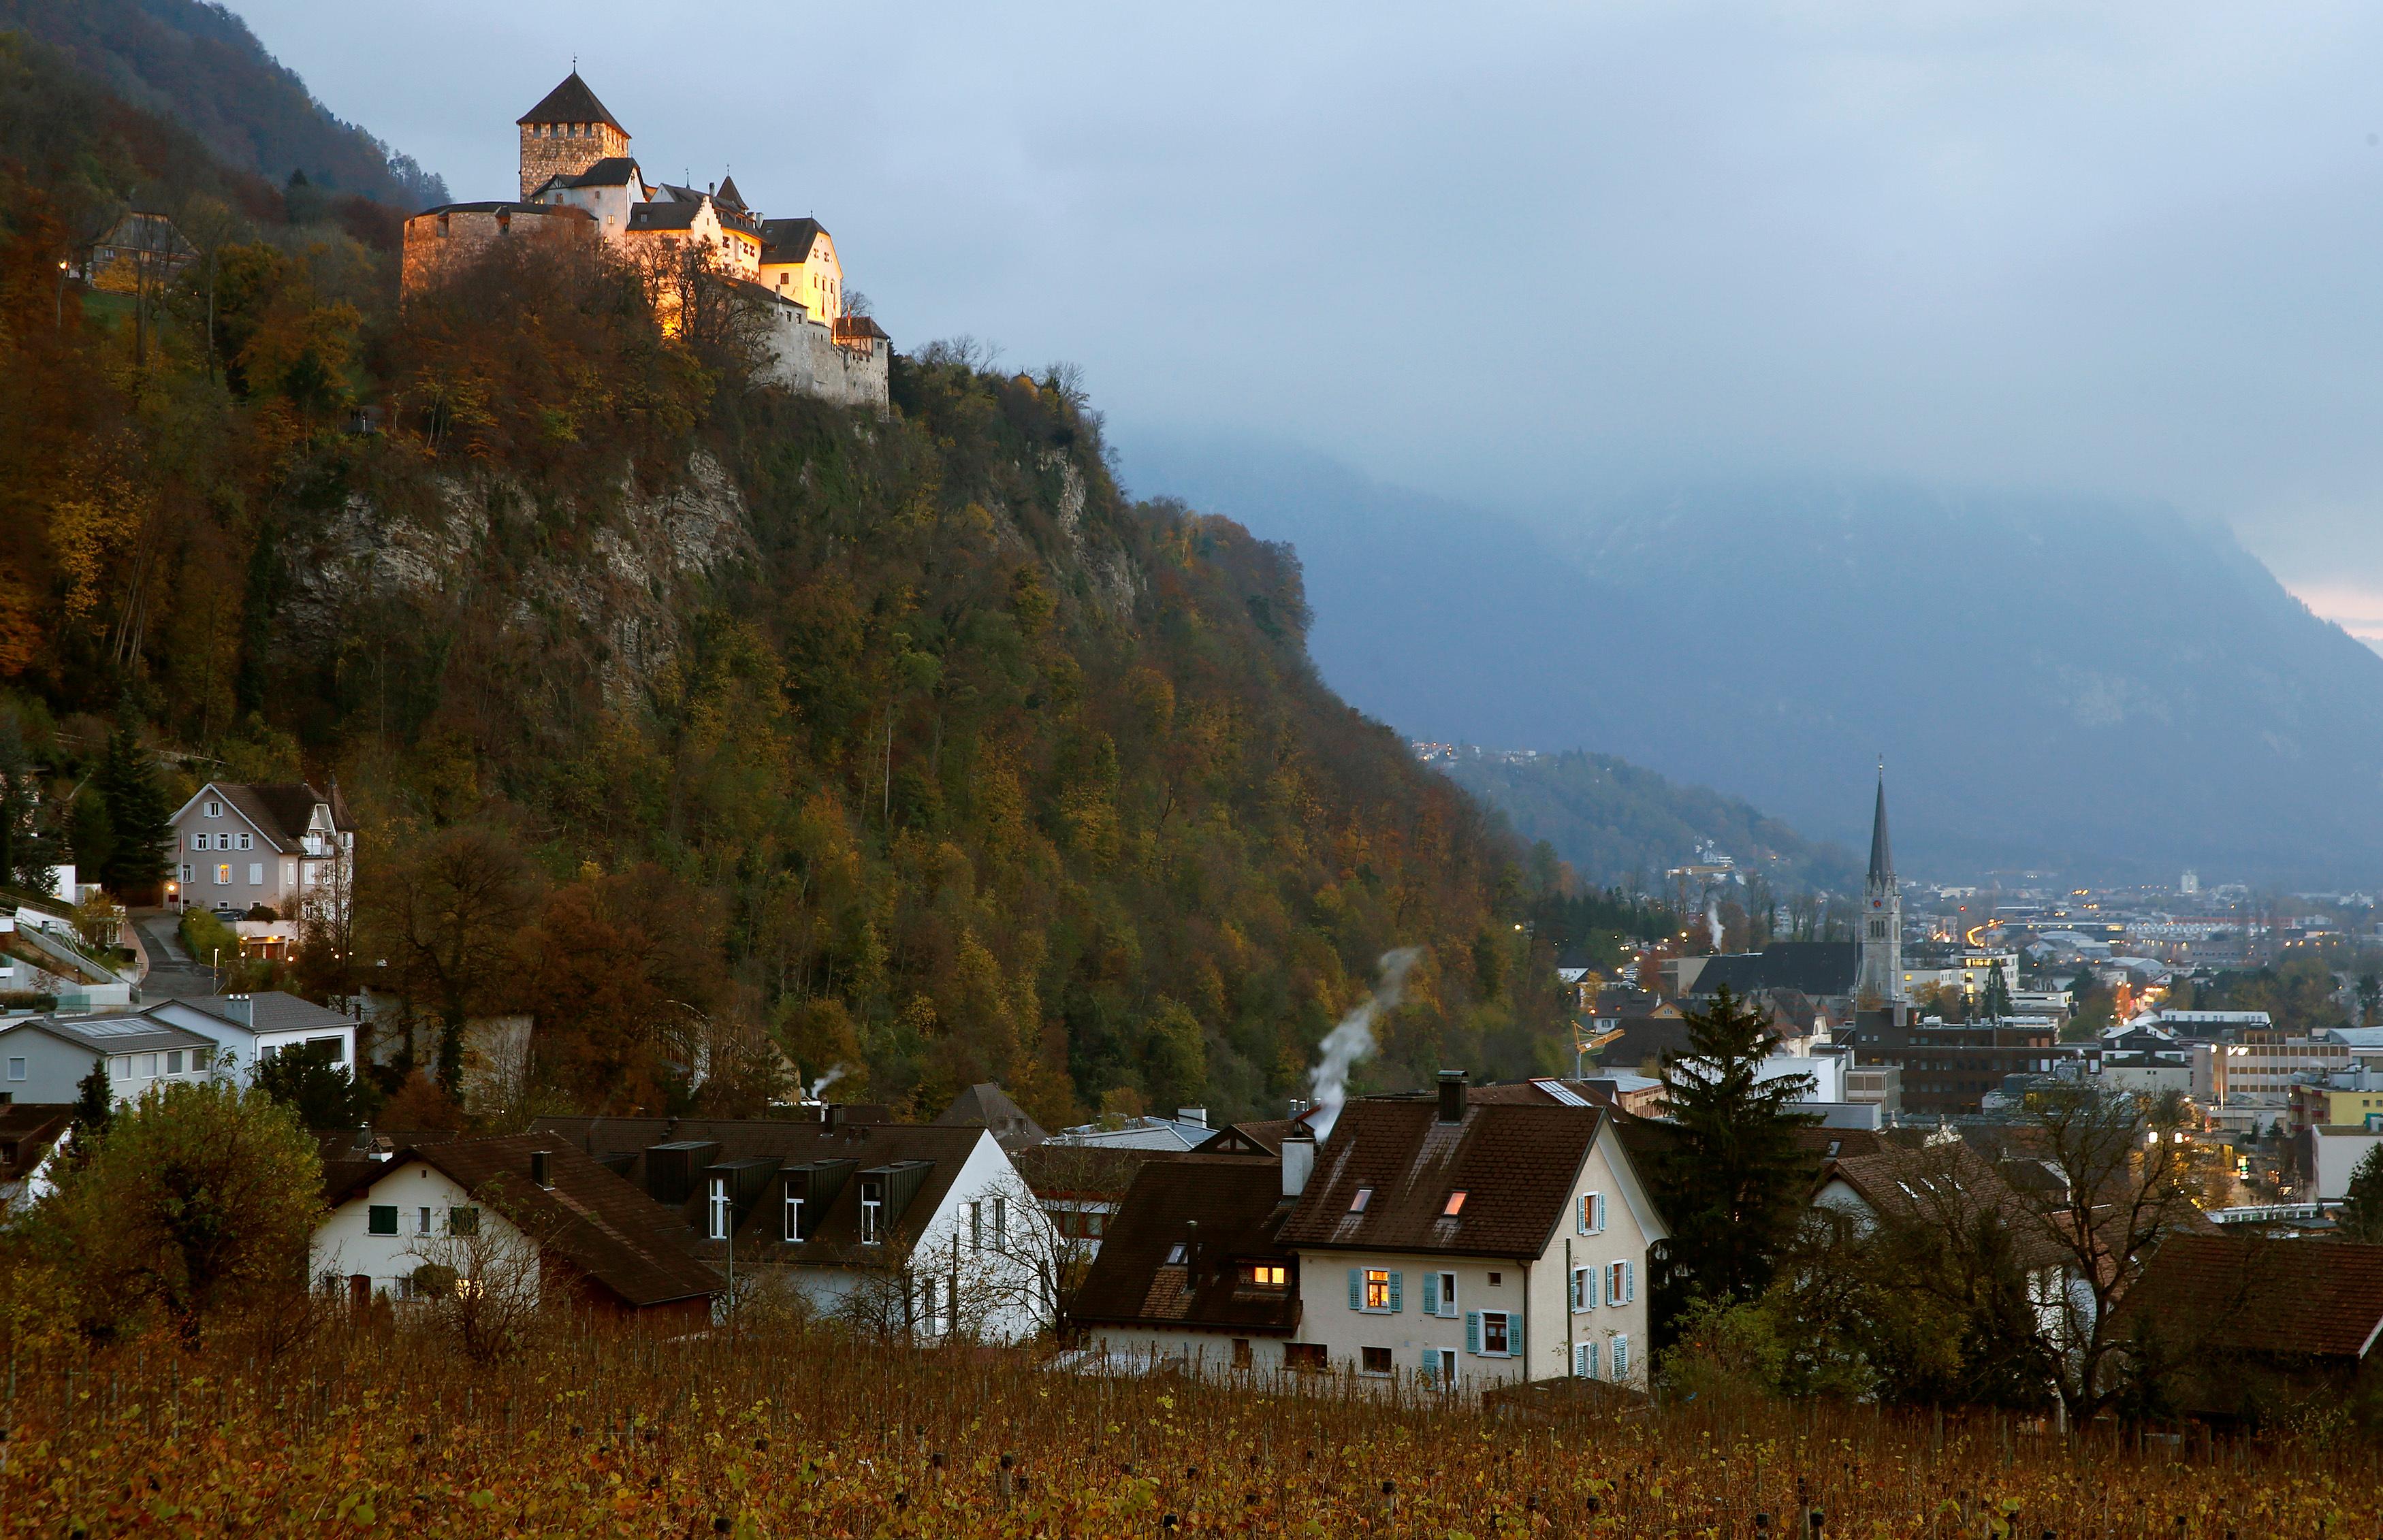 Liechtenstein turns 300